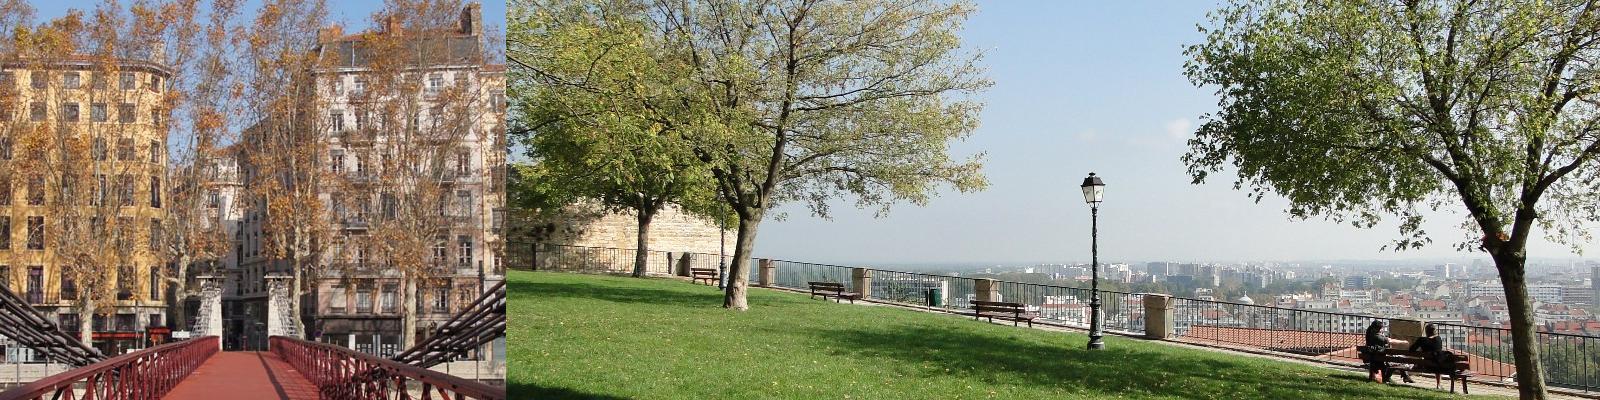 Ponts et parcs de la ville de Lyon.